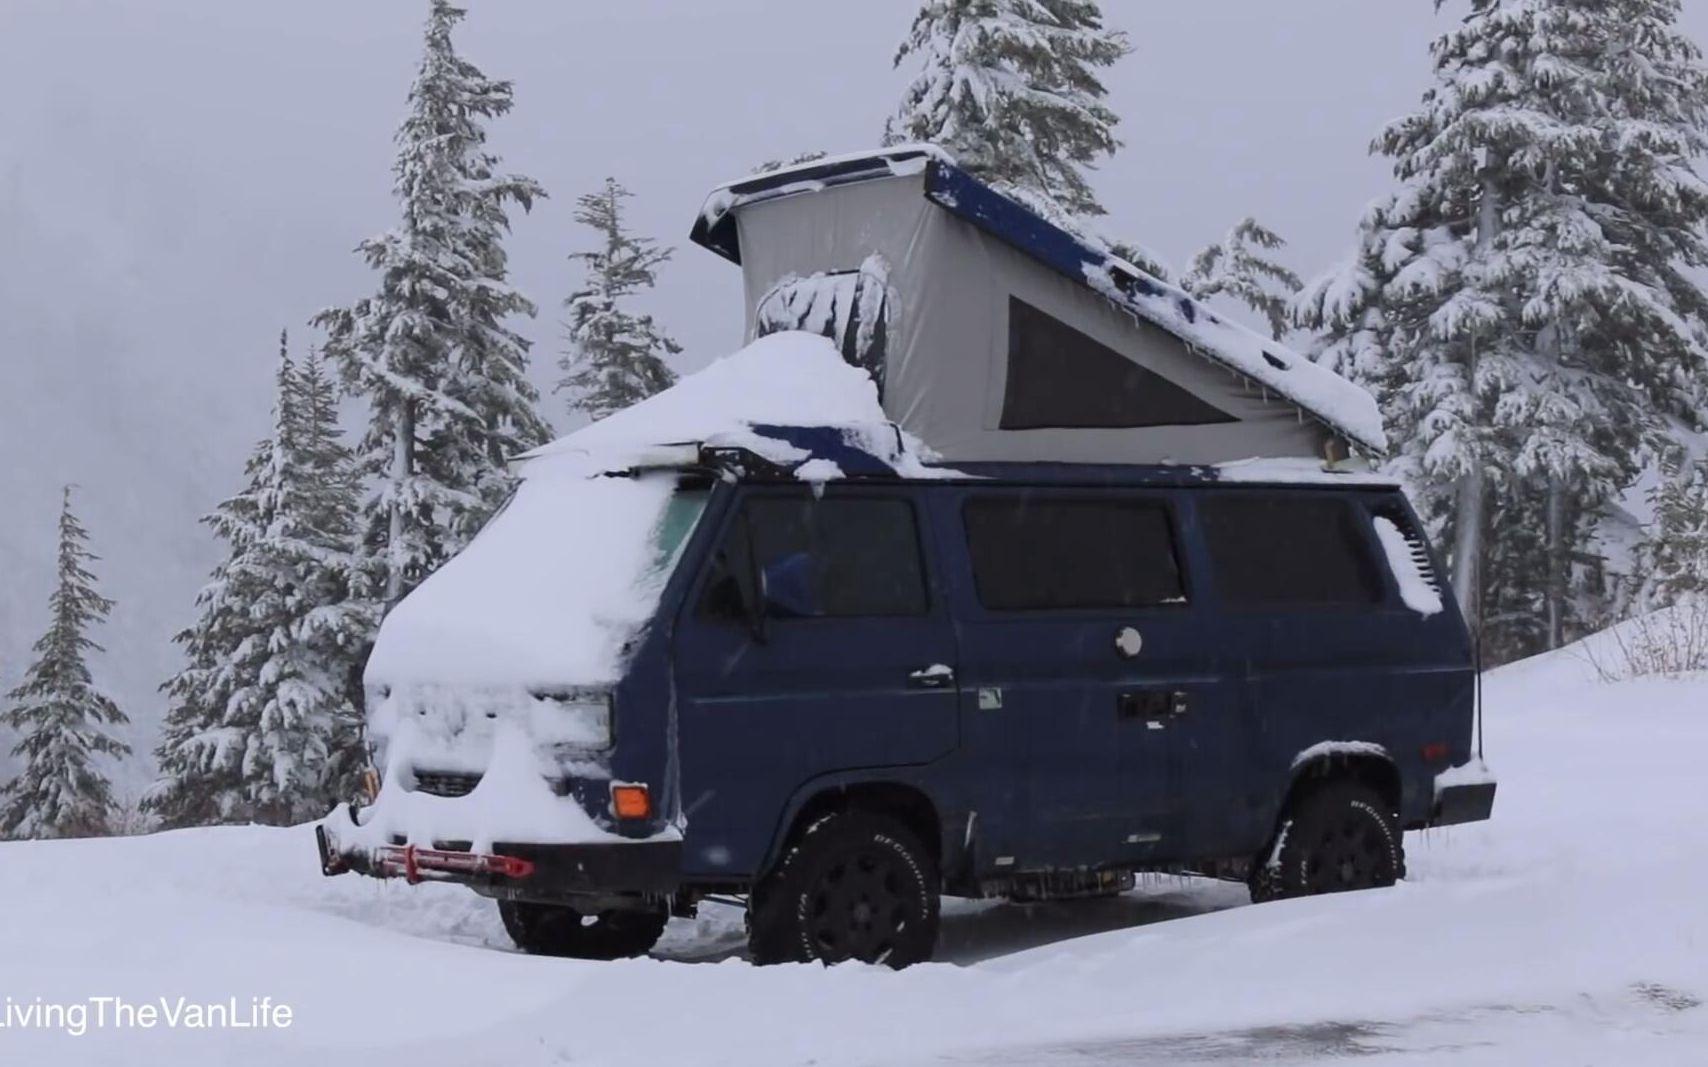 [美国]冬季露营车示范   露营车生活现场